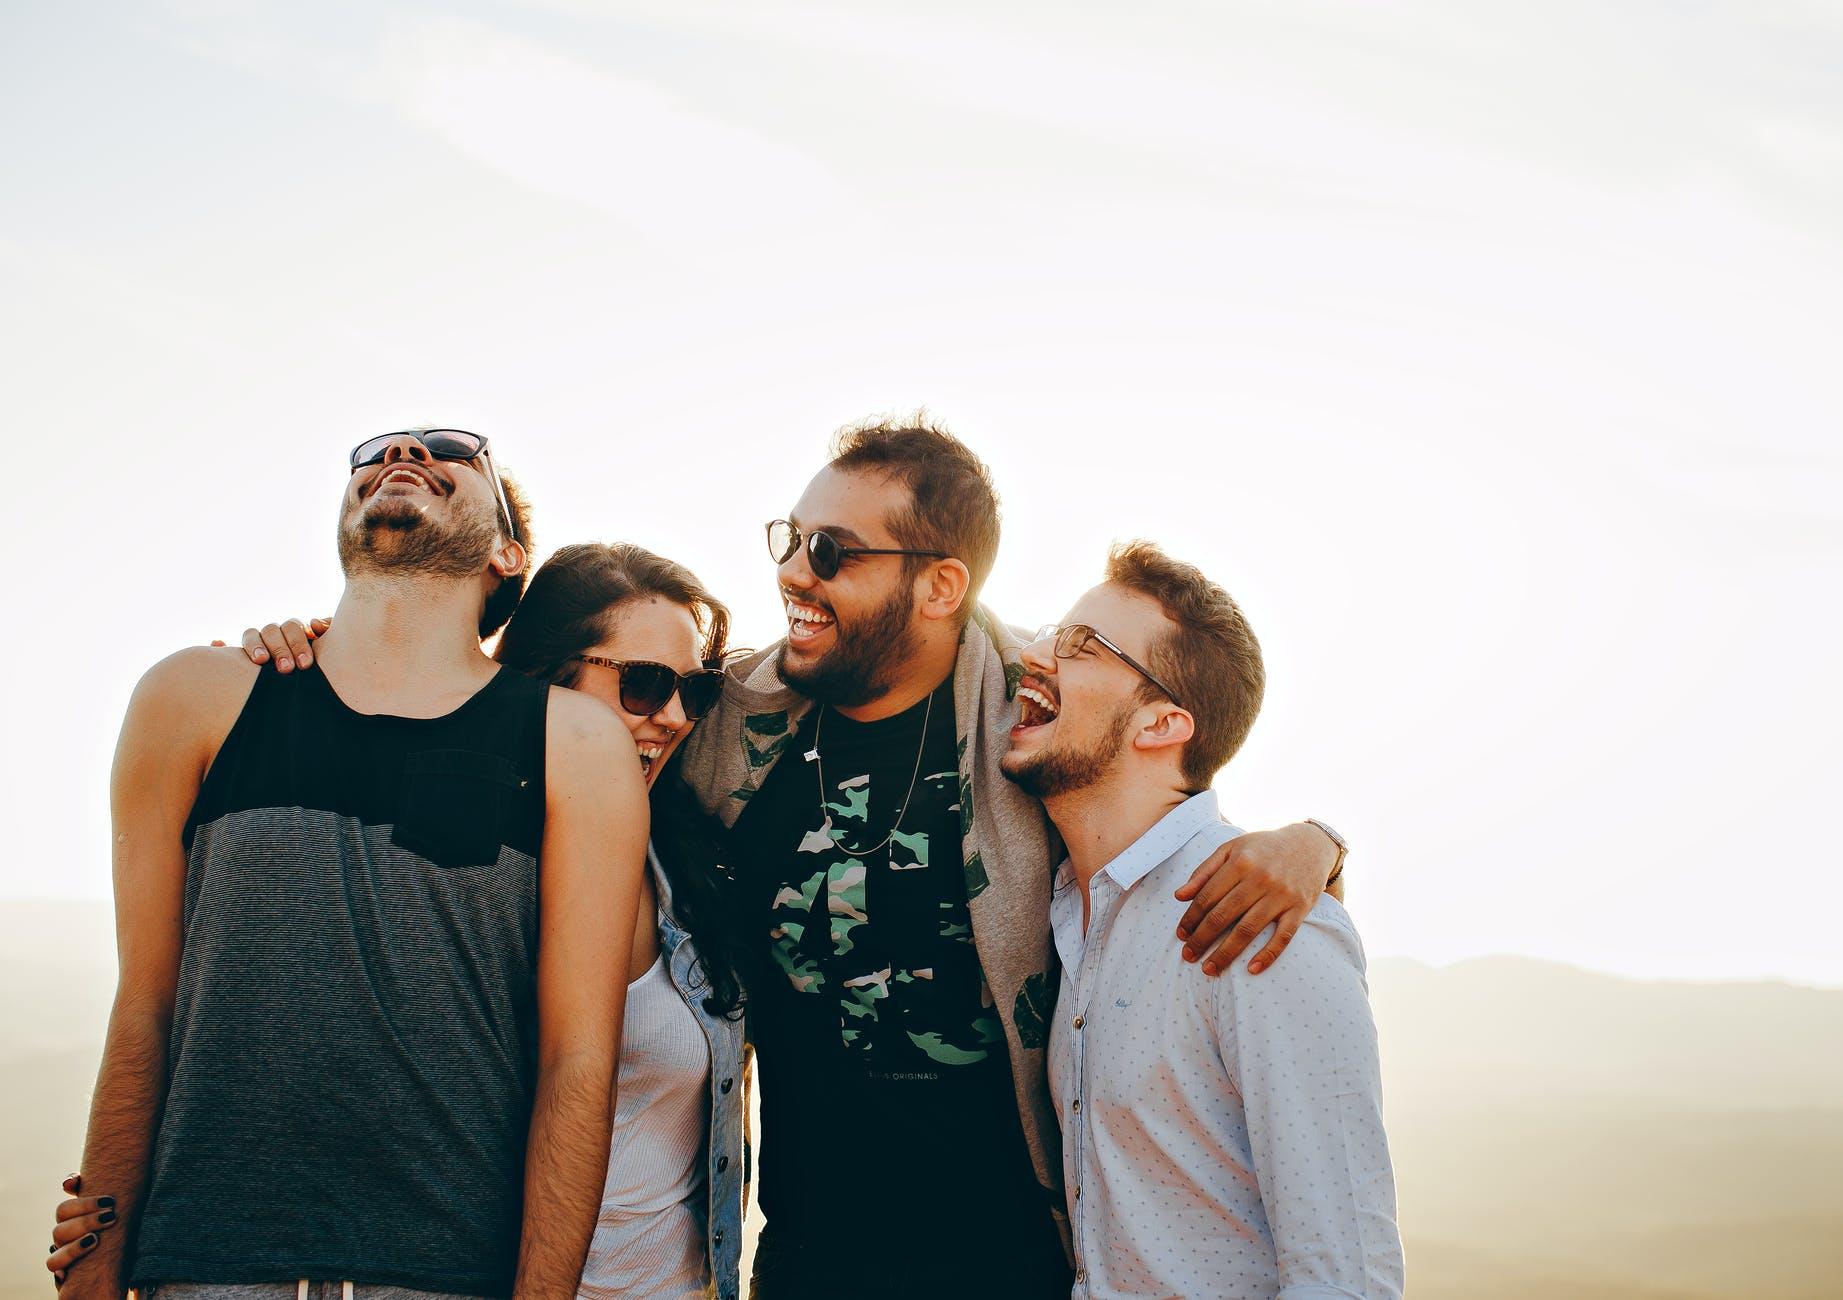 Intelligence émotionnelle - Développer une relation de confiance avec votre entourage